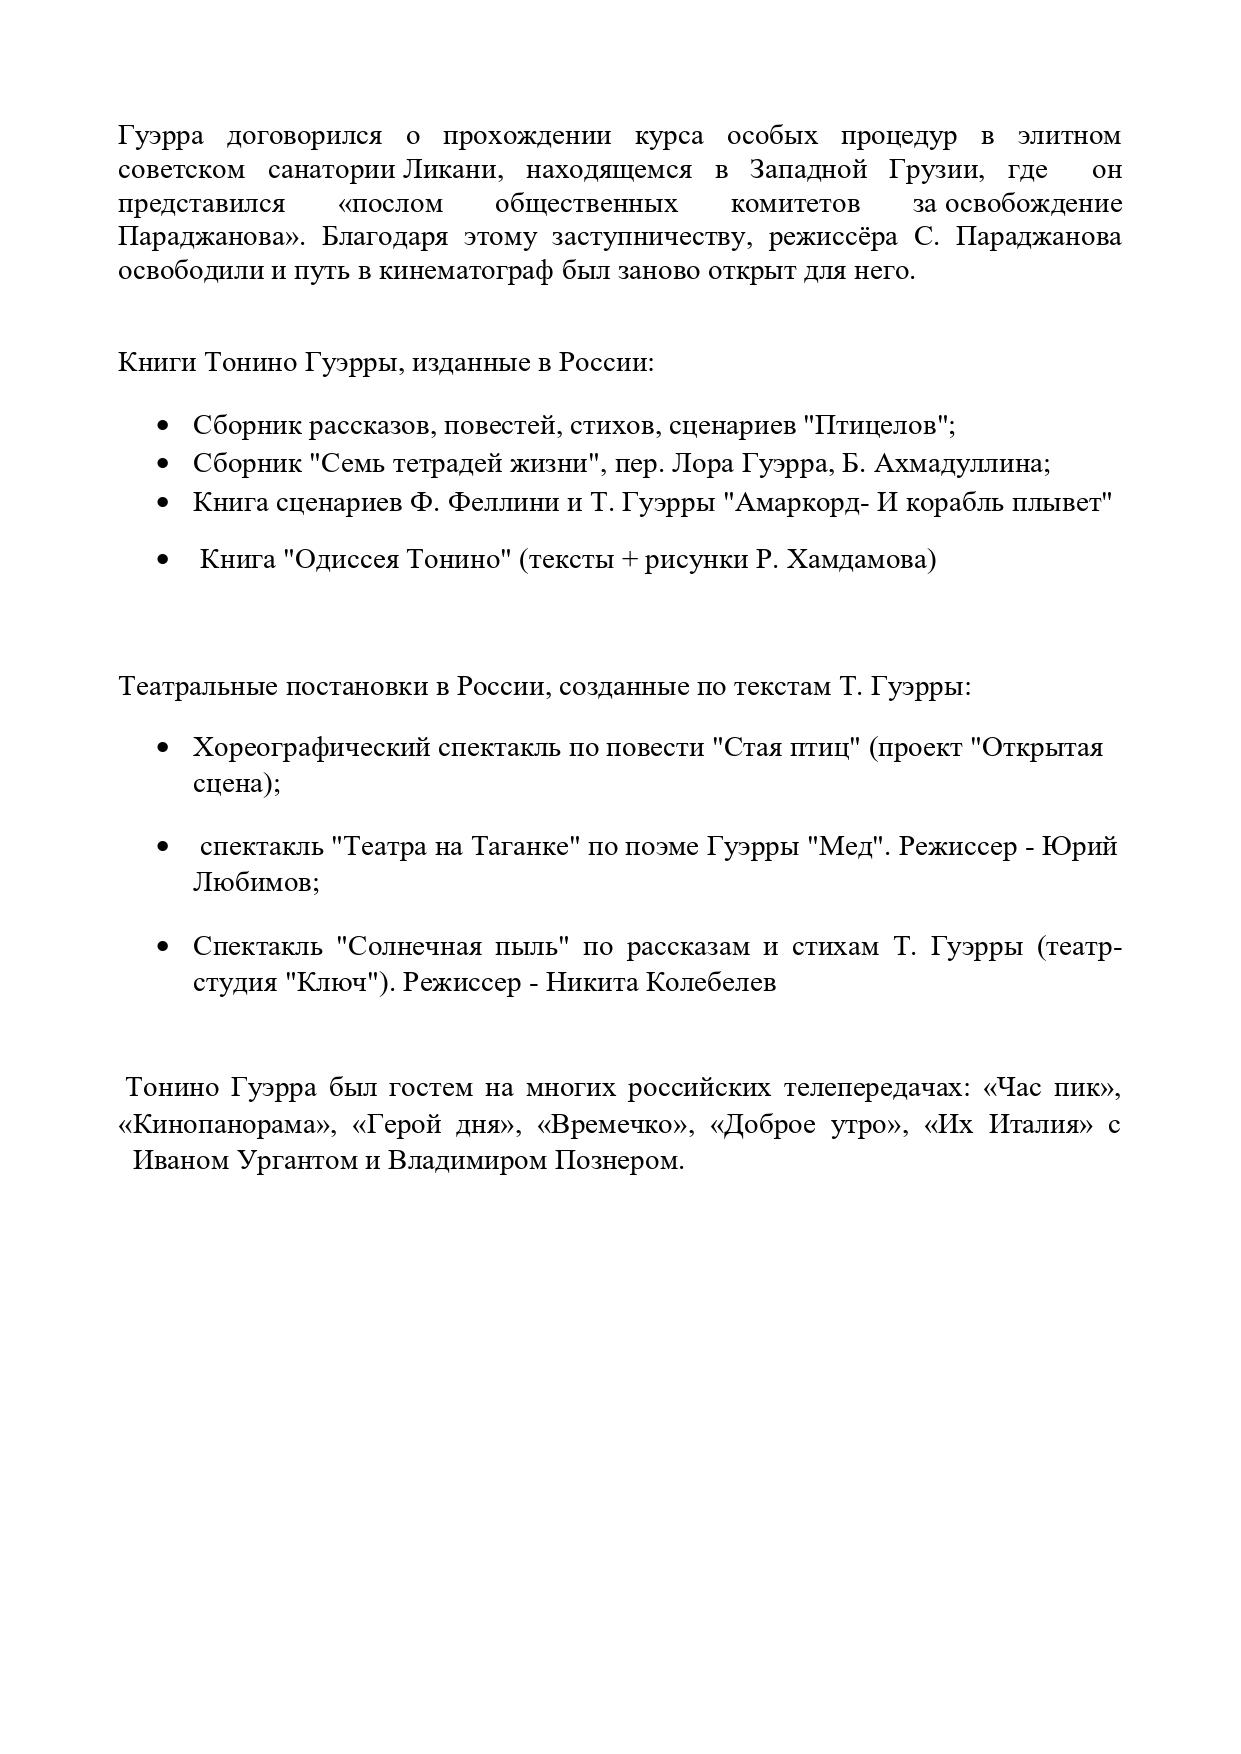 Обращение в Мосгорнаследие по установлению памятной таблички Т. Гуэрра_pages-to-jpg-0003